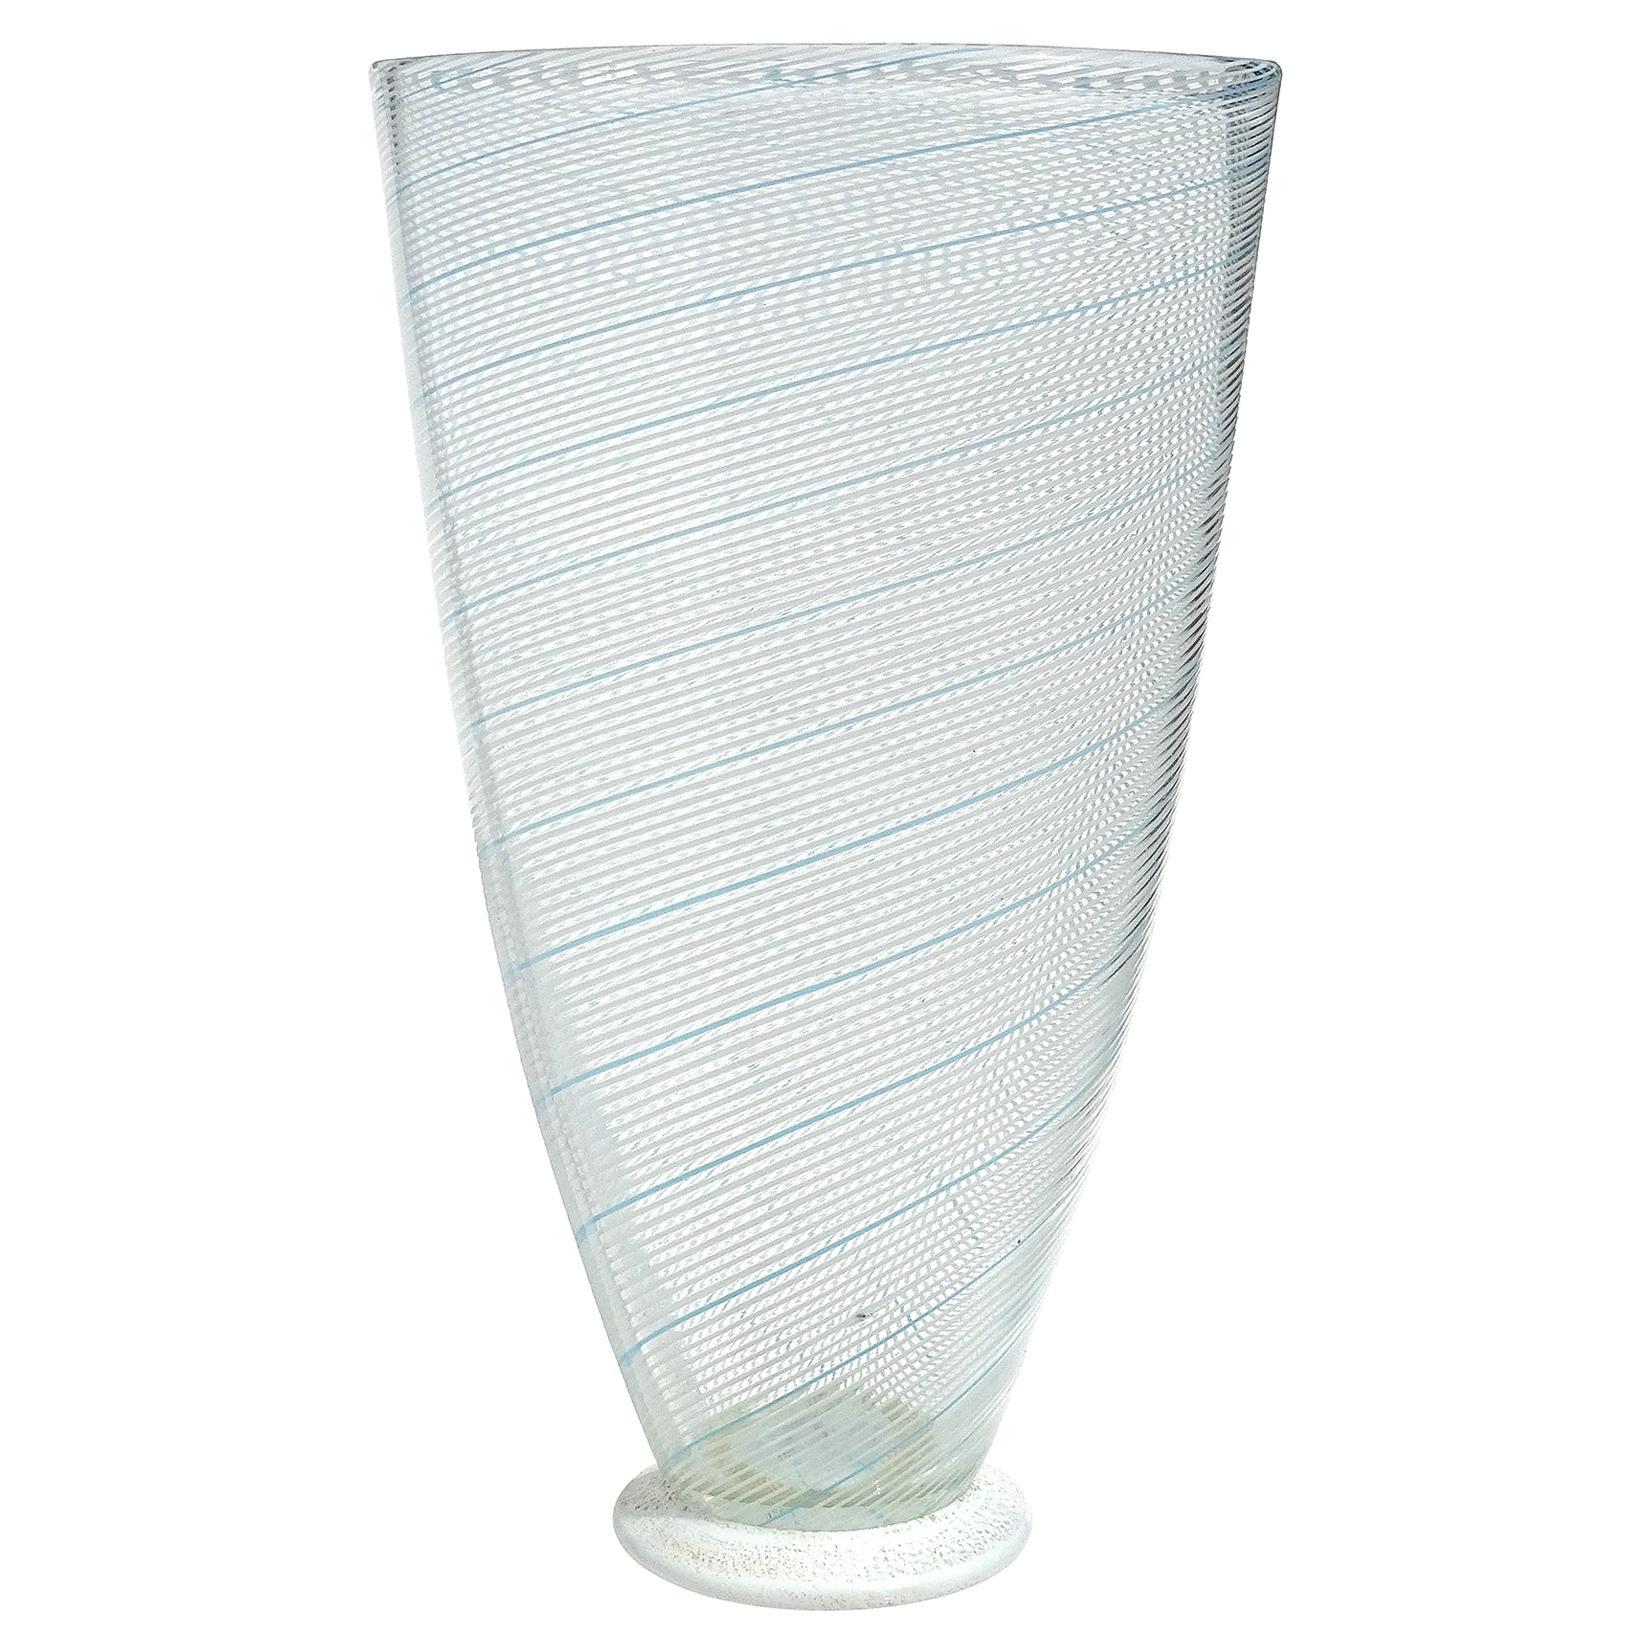 Dino Martens Murano Blue White Ribbons Gold Flecks Italian Art Glass Flower Vase